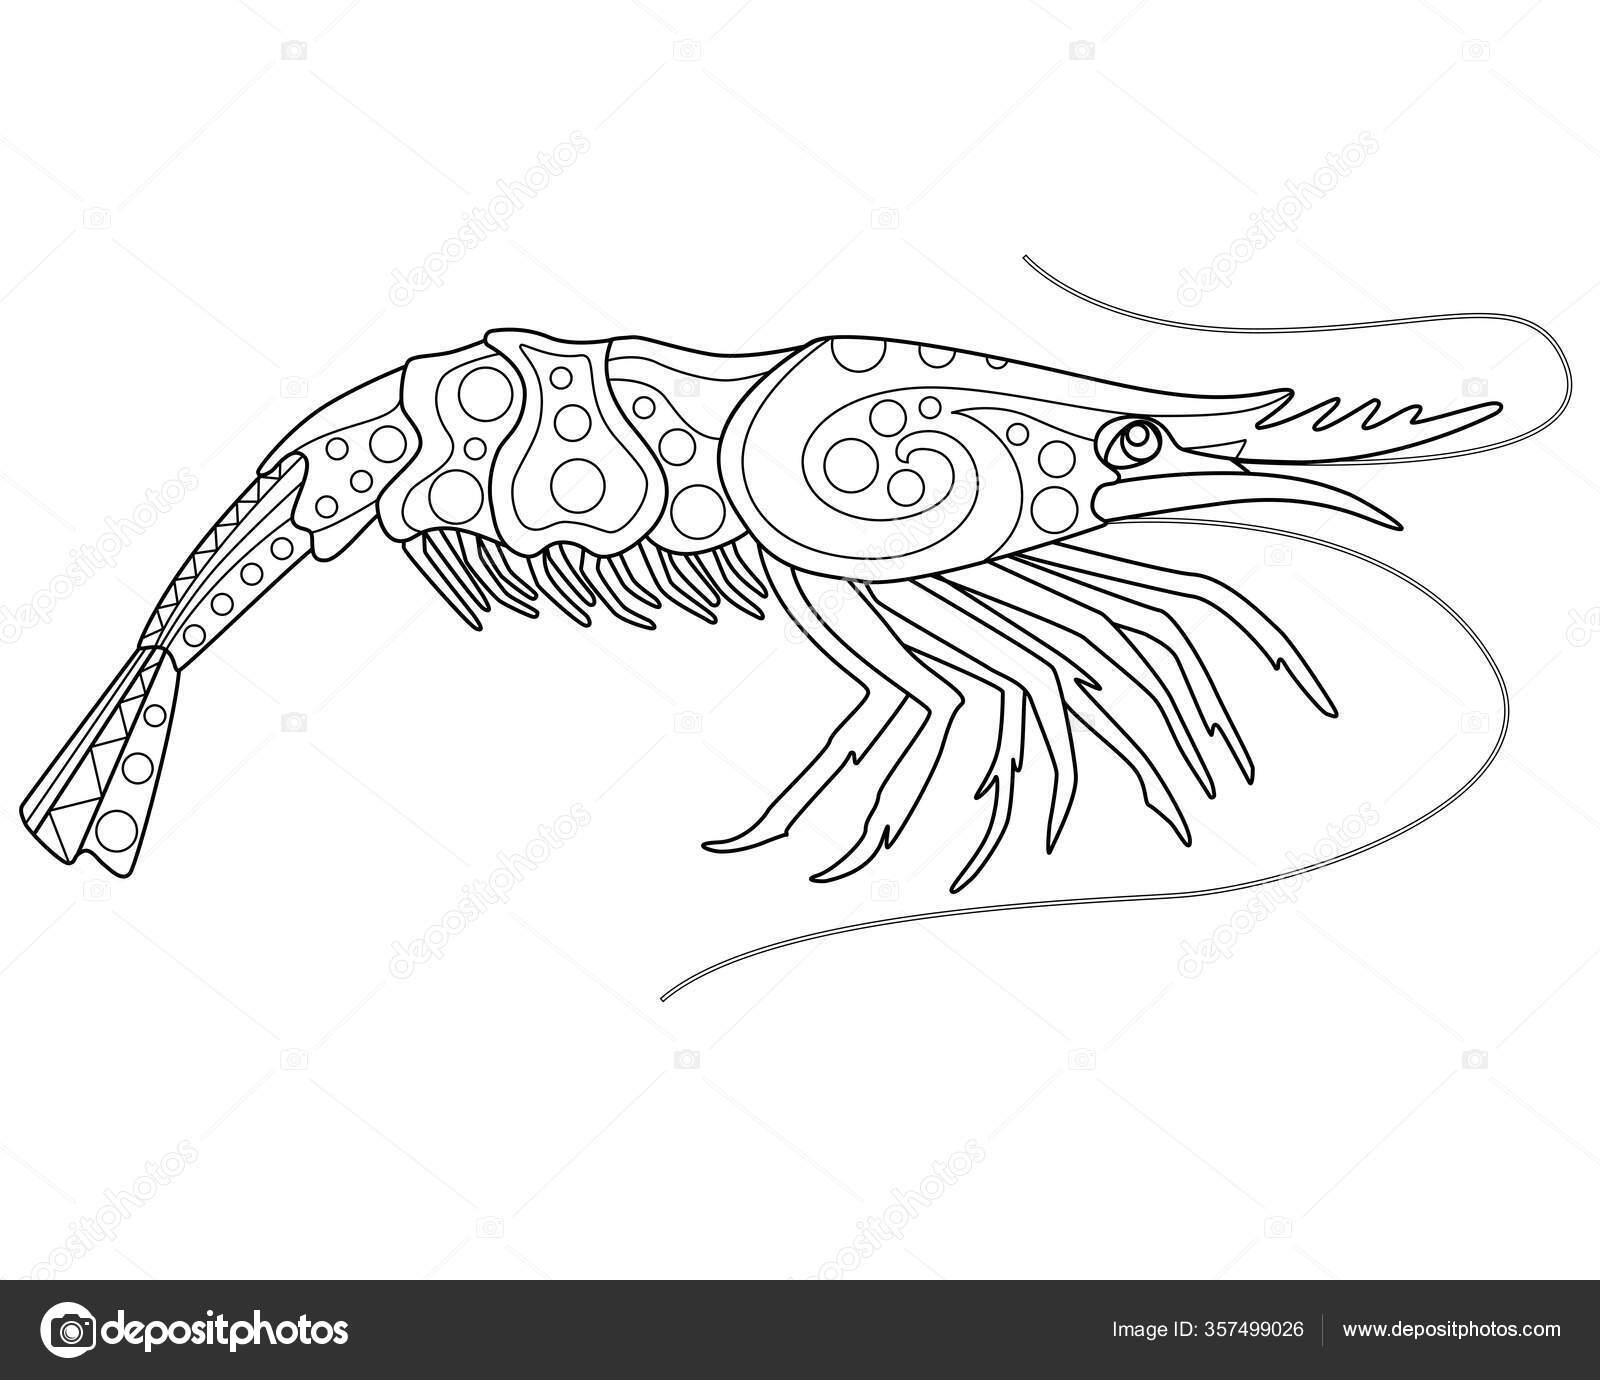 Krewetki Kolorowanki Antystresowe Wektor Liniowy Obraz Kolorowania Morskie Zwierze Krewetki Grafika Wektorowa C Disaanna 357499026